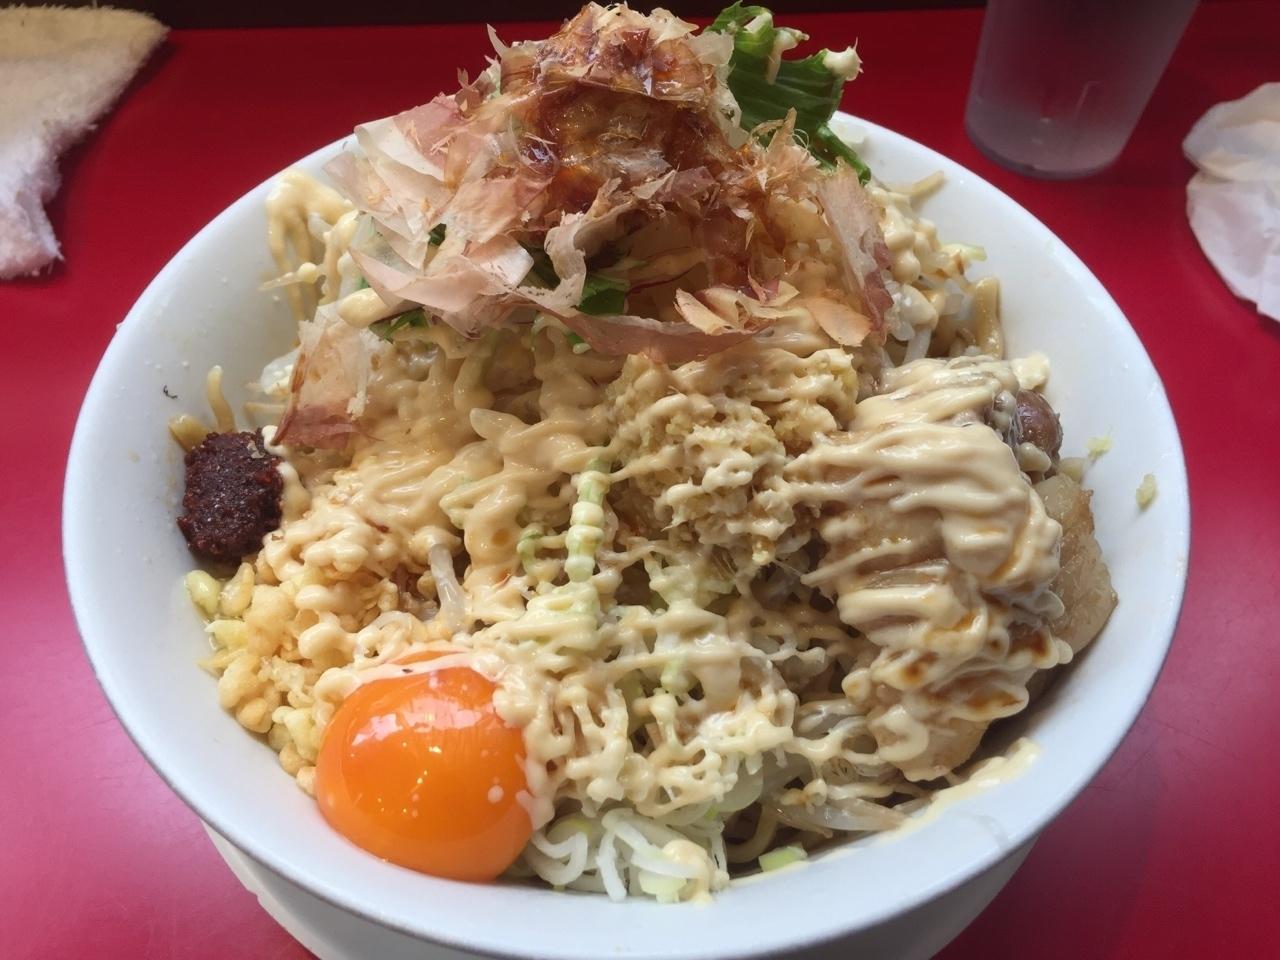 そびえるモヤシの山に挑戦せよ!秋葉原周辺にある二郎系ラーメン店6選!